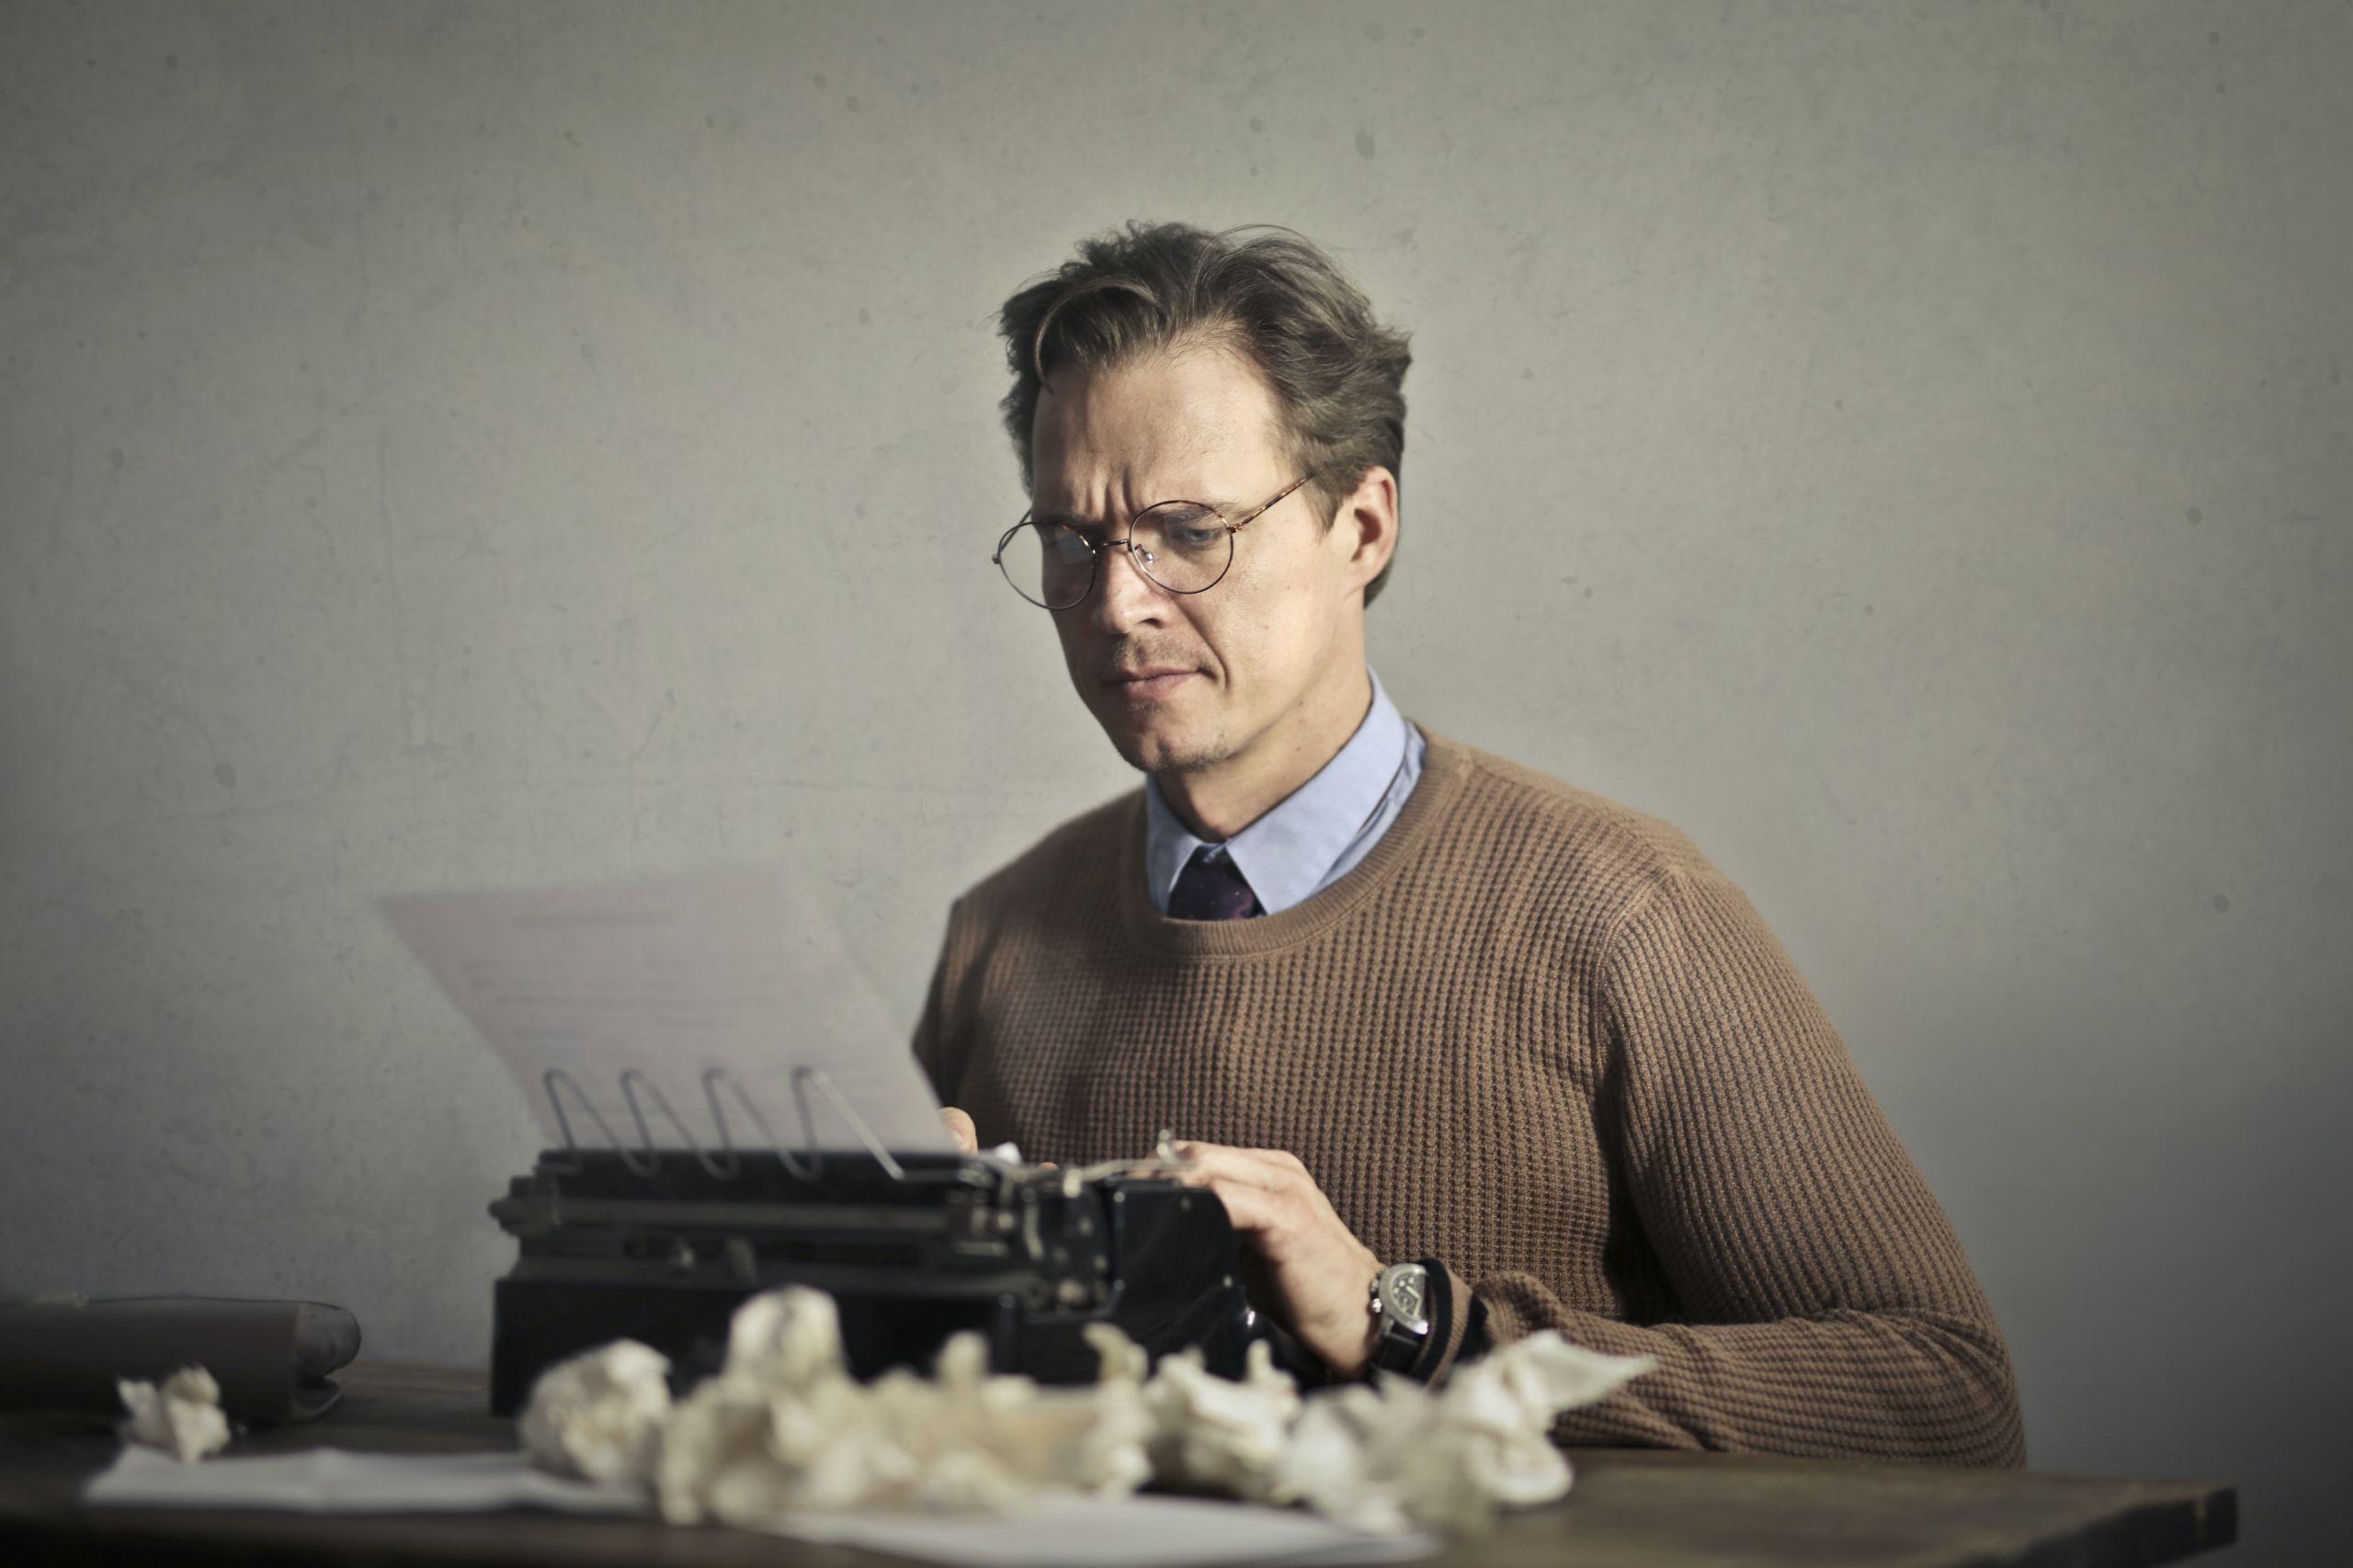 """Το θέατρο Επί Κολωνώ για 8η χρονιά αναζητά νέους συγγραφείς προκειμένου να συνεργαστούν με το εργαστήριο υποκριτικής και συγκεκριμένα στο Σεμινάριο """"Υποκριτική σε Κείμενα In Progress"""""""